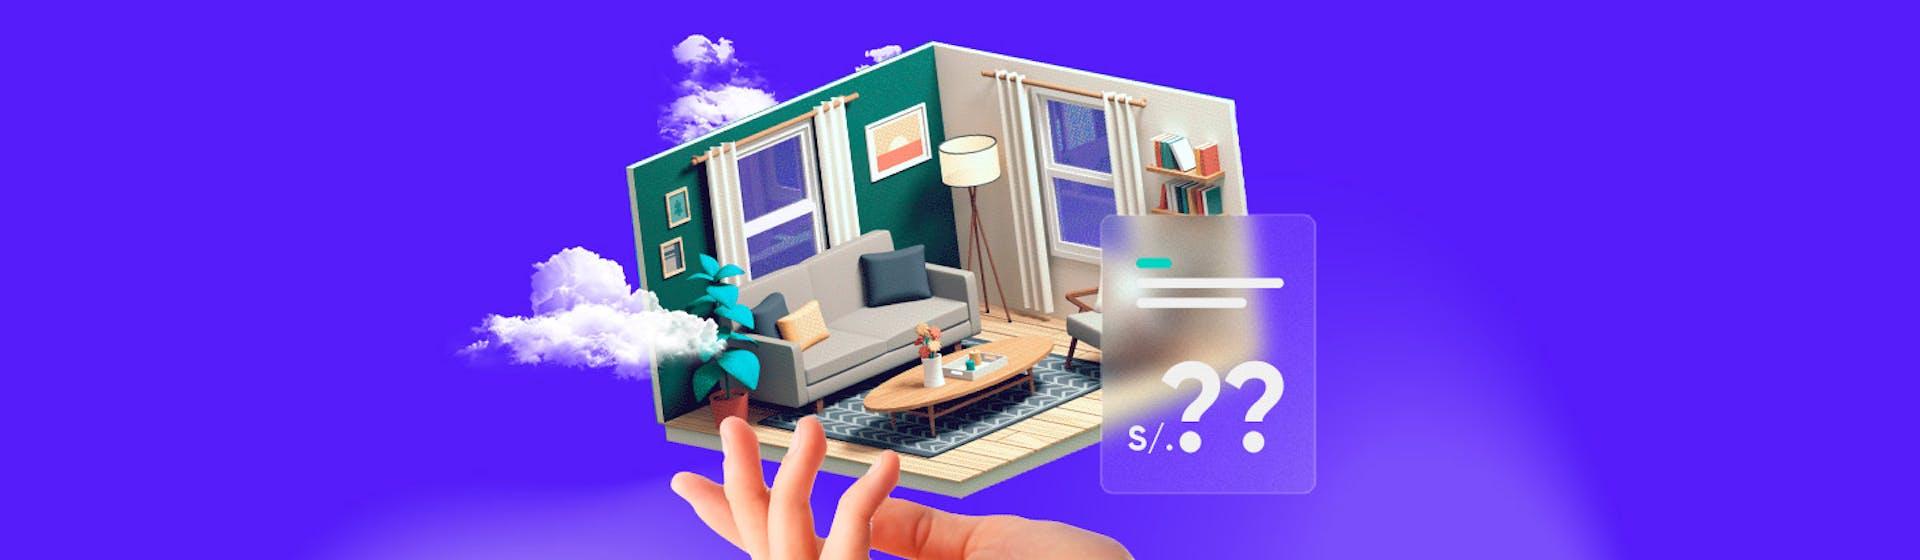 ¿Cuánto gana un diseñador de interiores? ¡Crea espacios memorables!